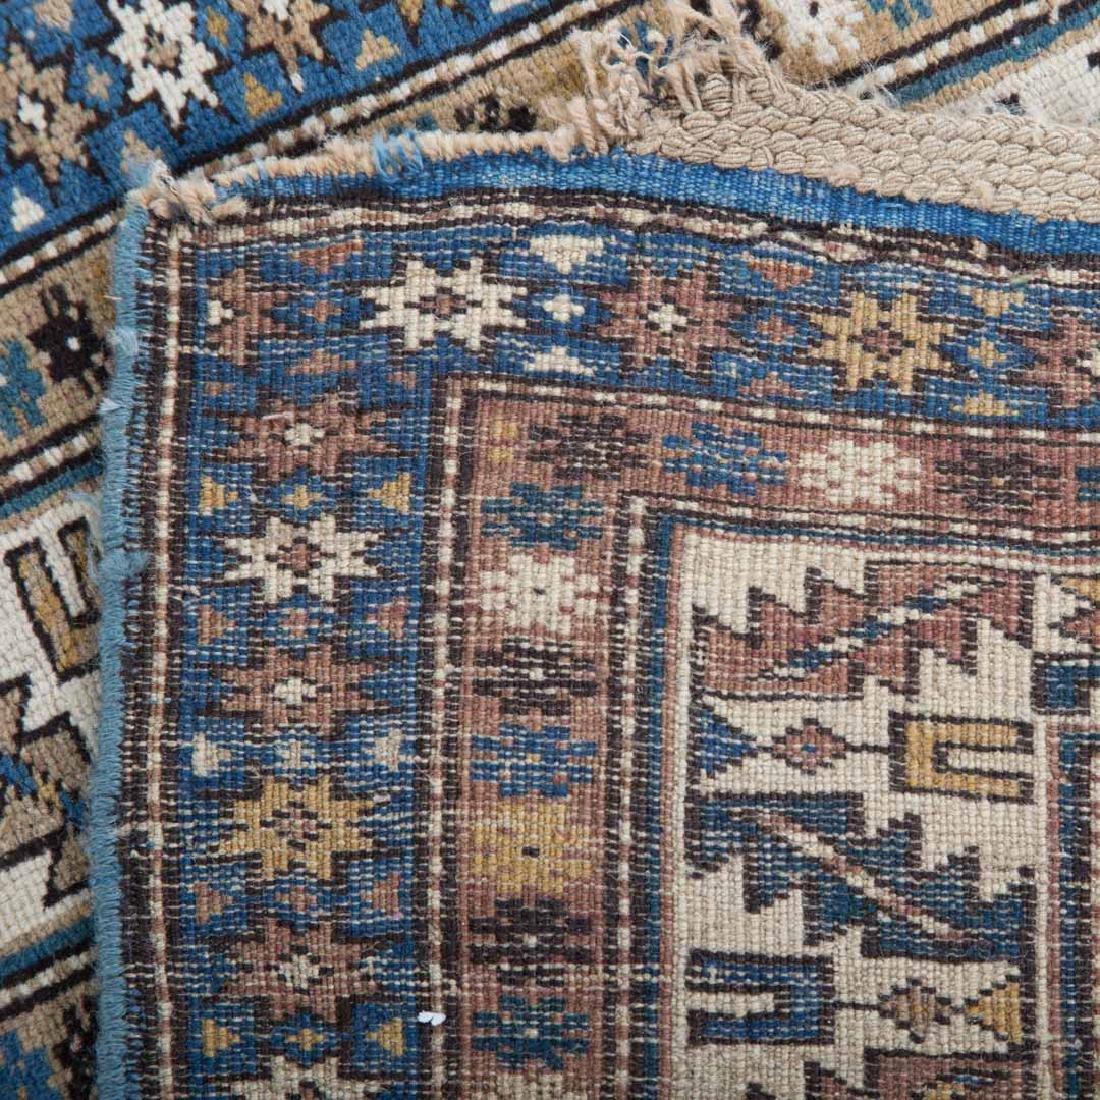 Antique Caucasian rug, approx. 3.7 x 6.4 - 3